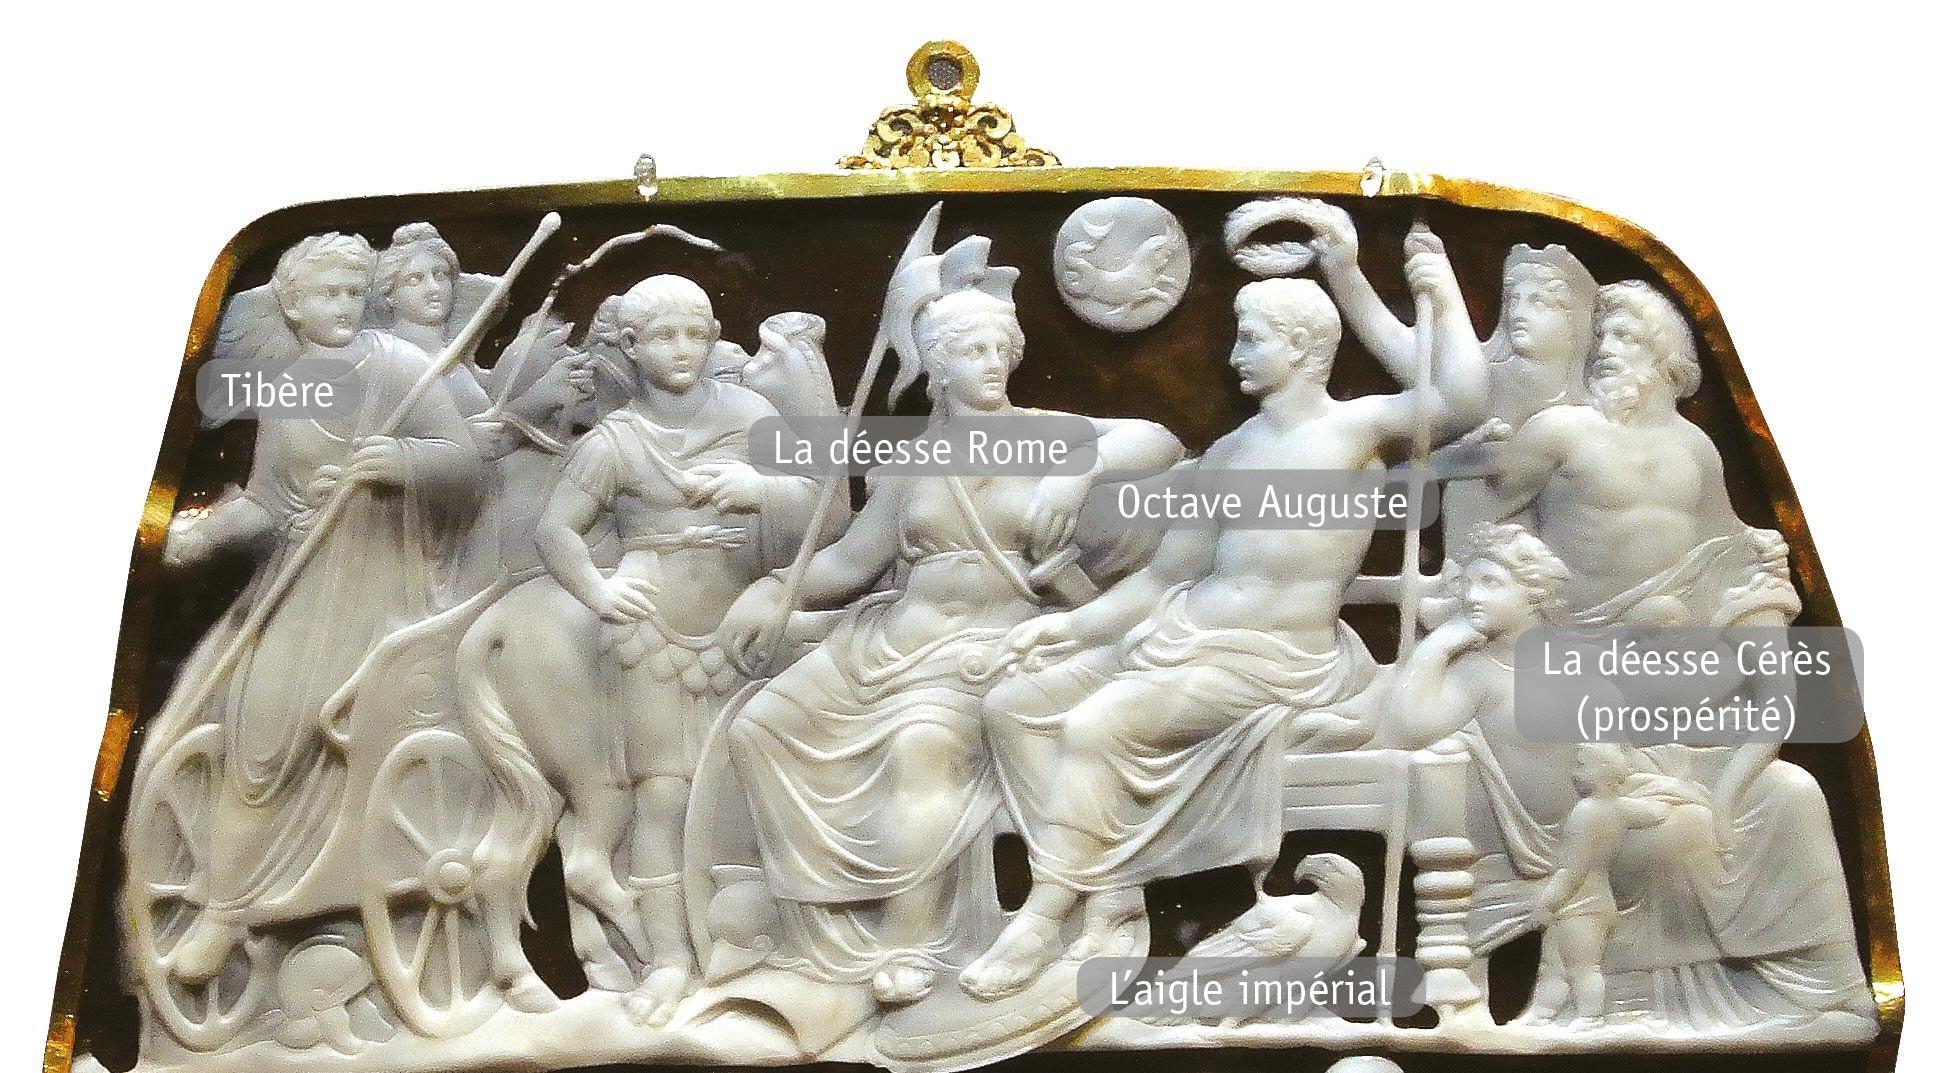 <stamp theme='his-green2'>Doc. 1</stamp> Octave Auguste entouré des dieux romains